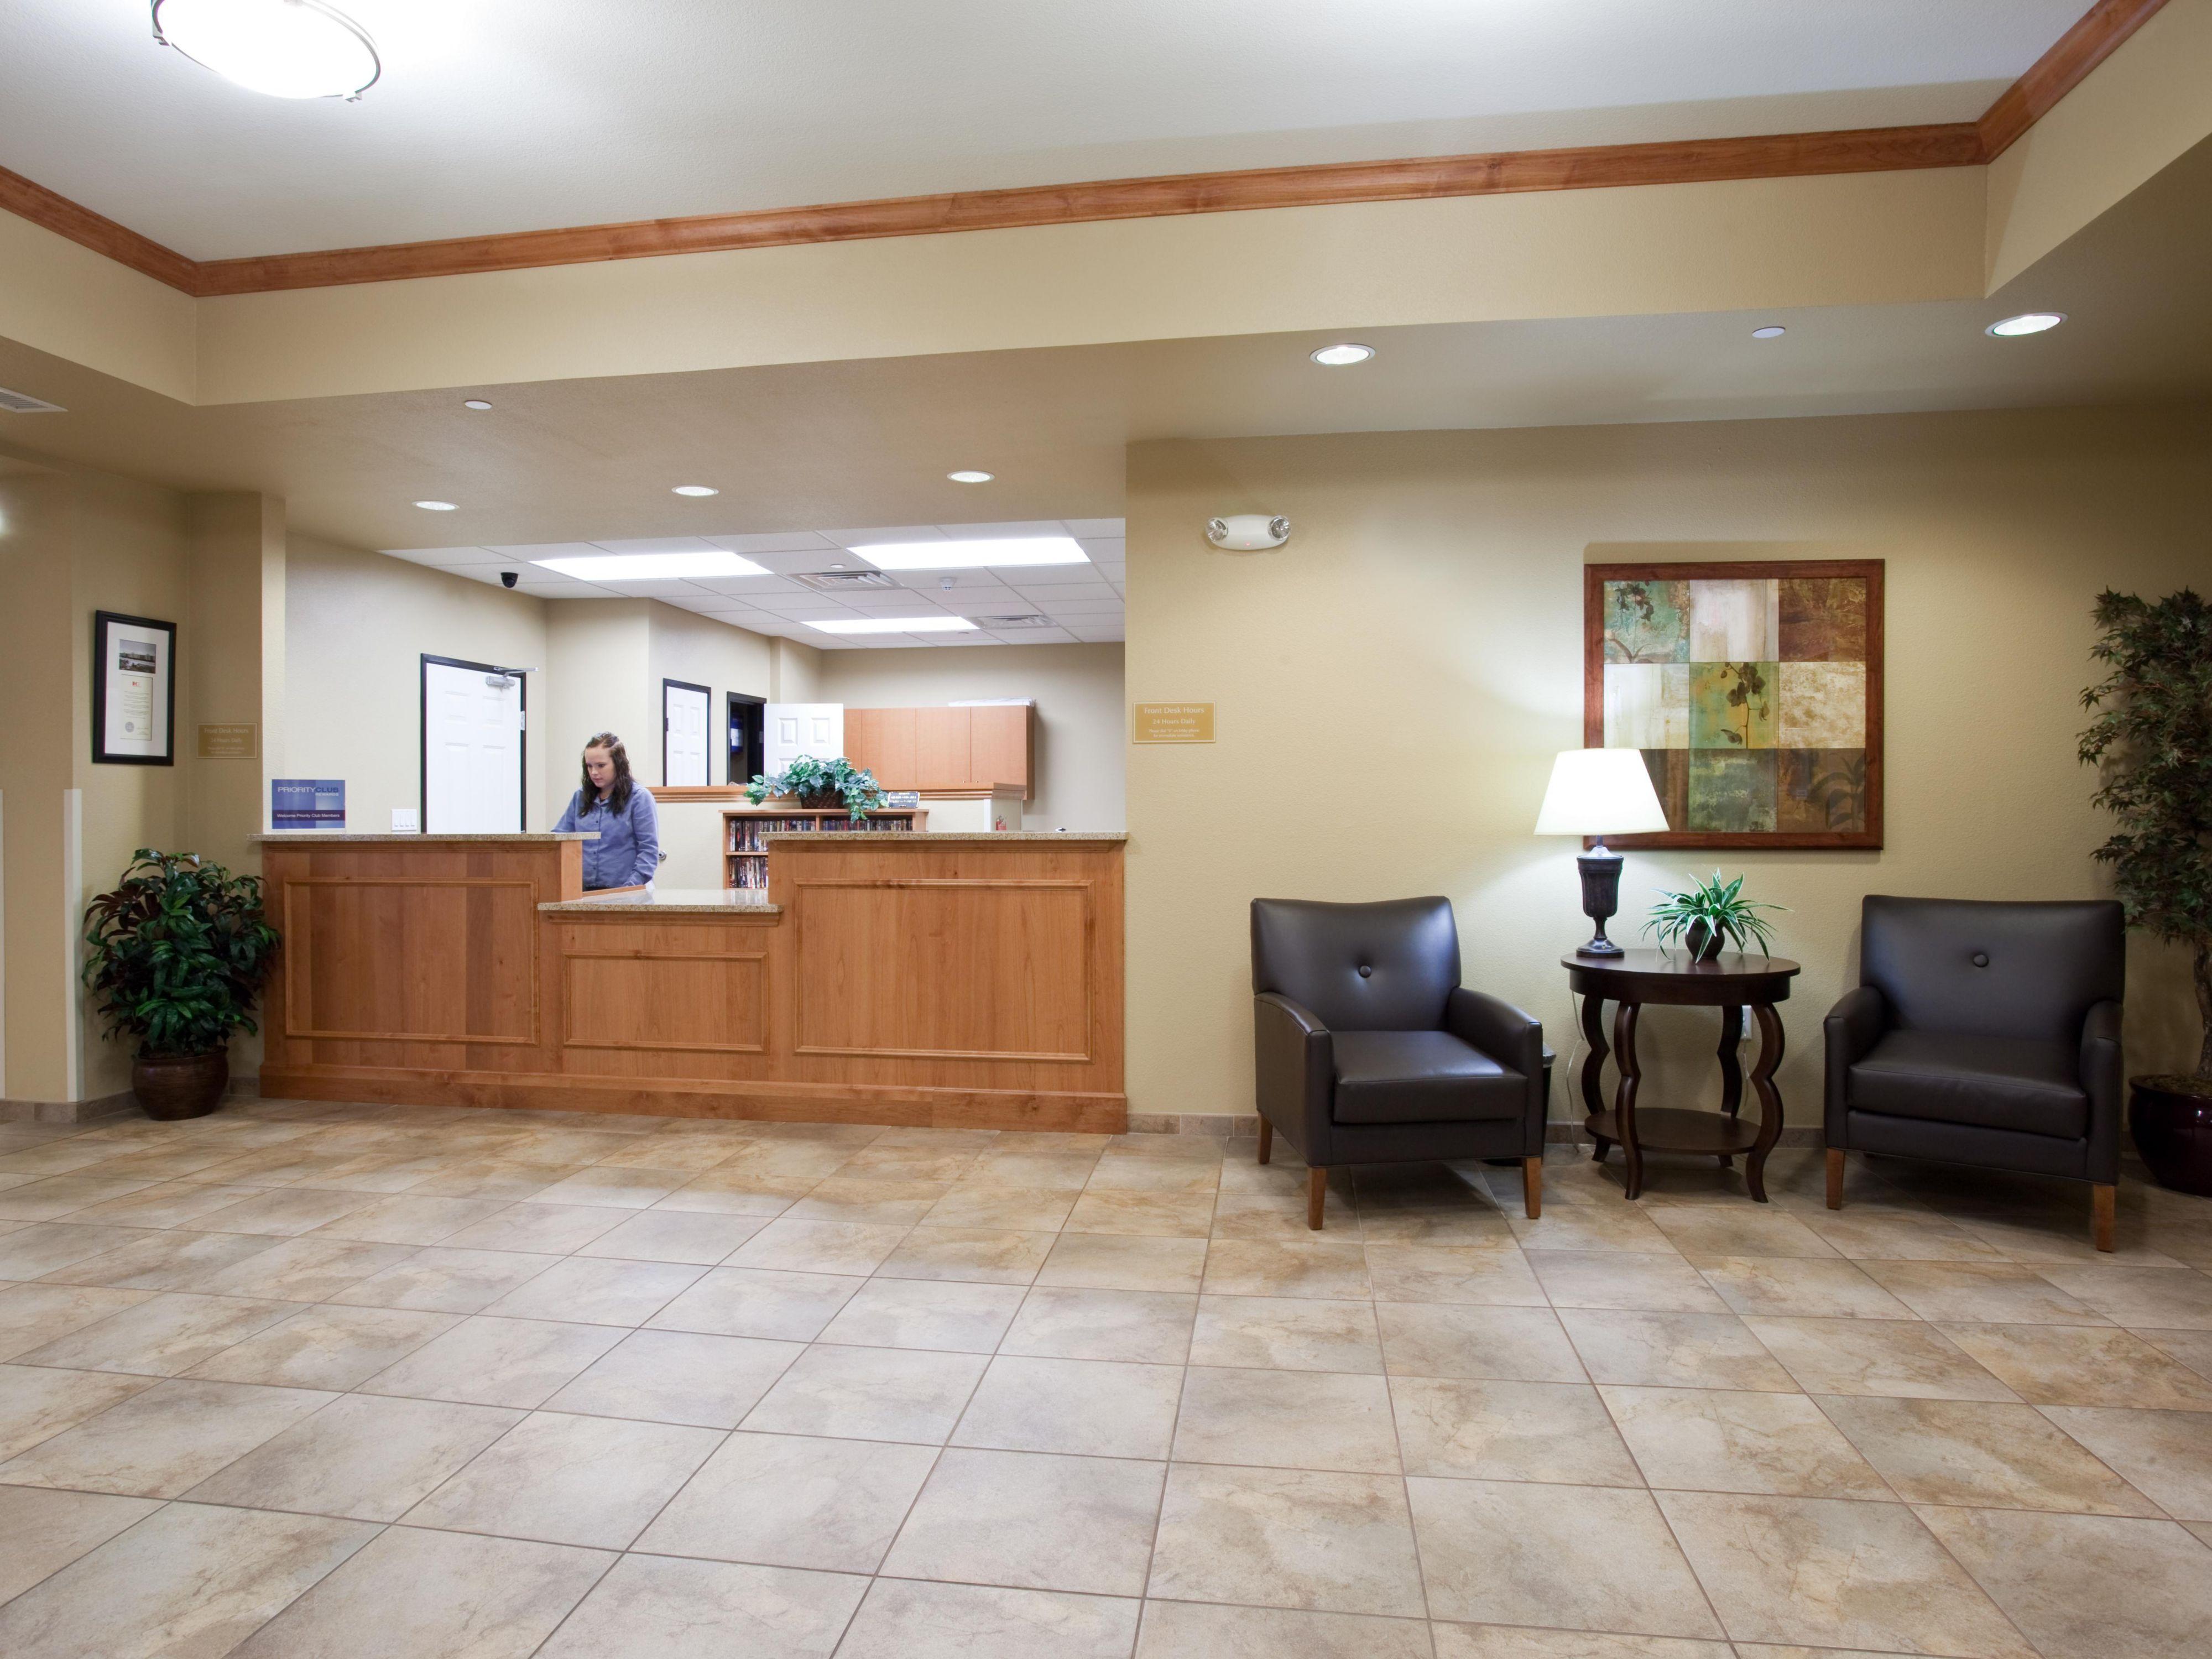 Craig Hotels